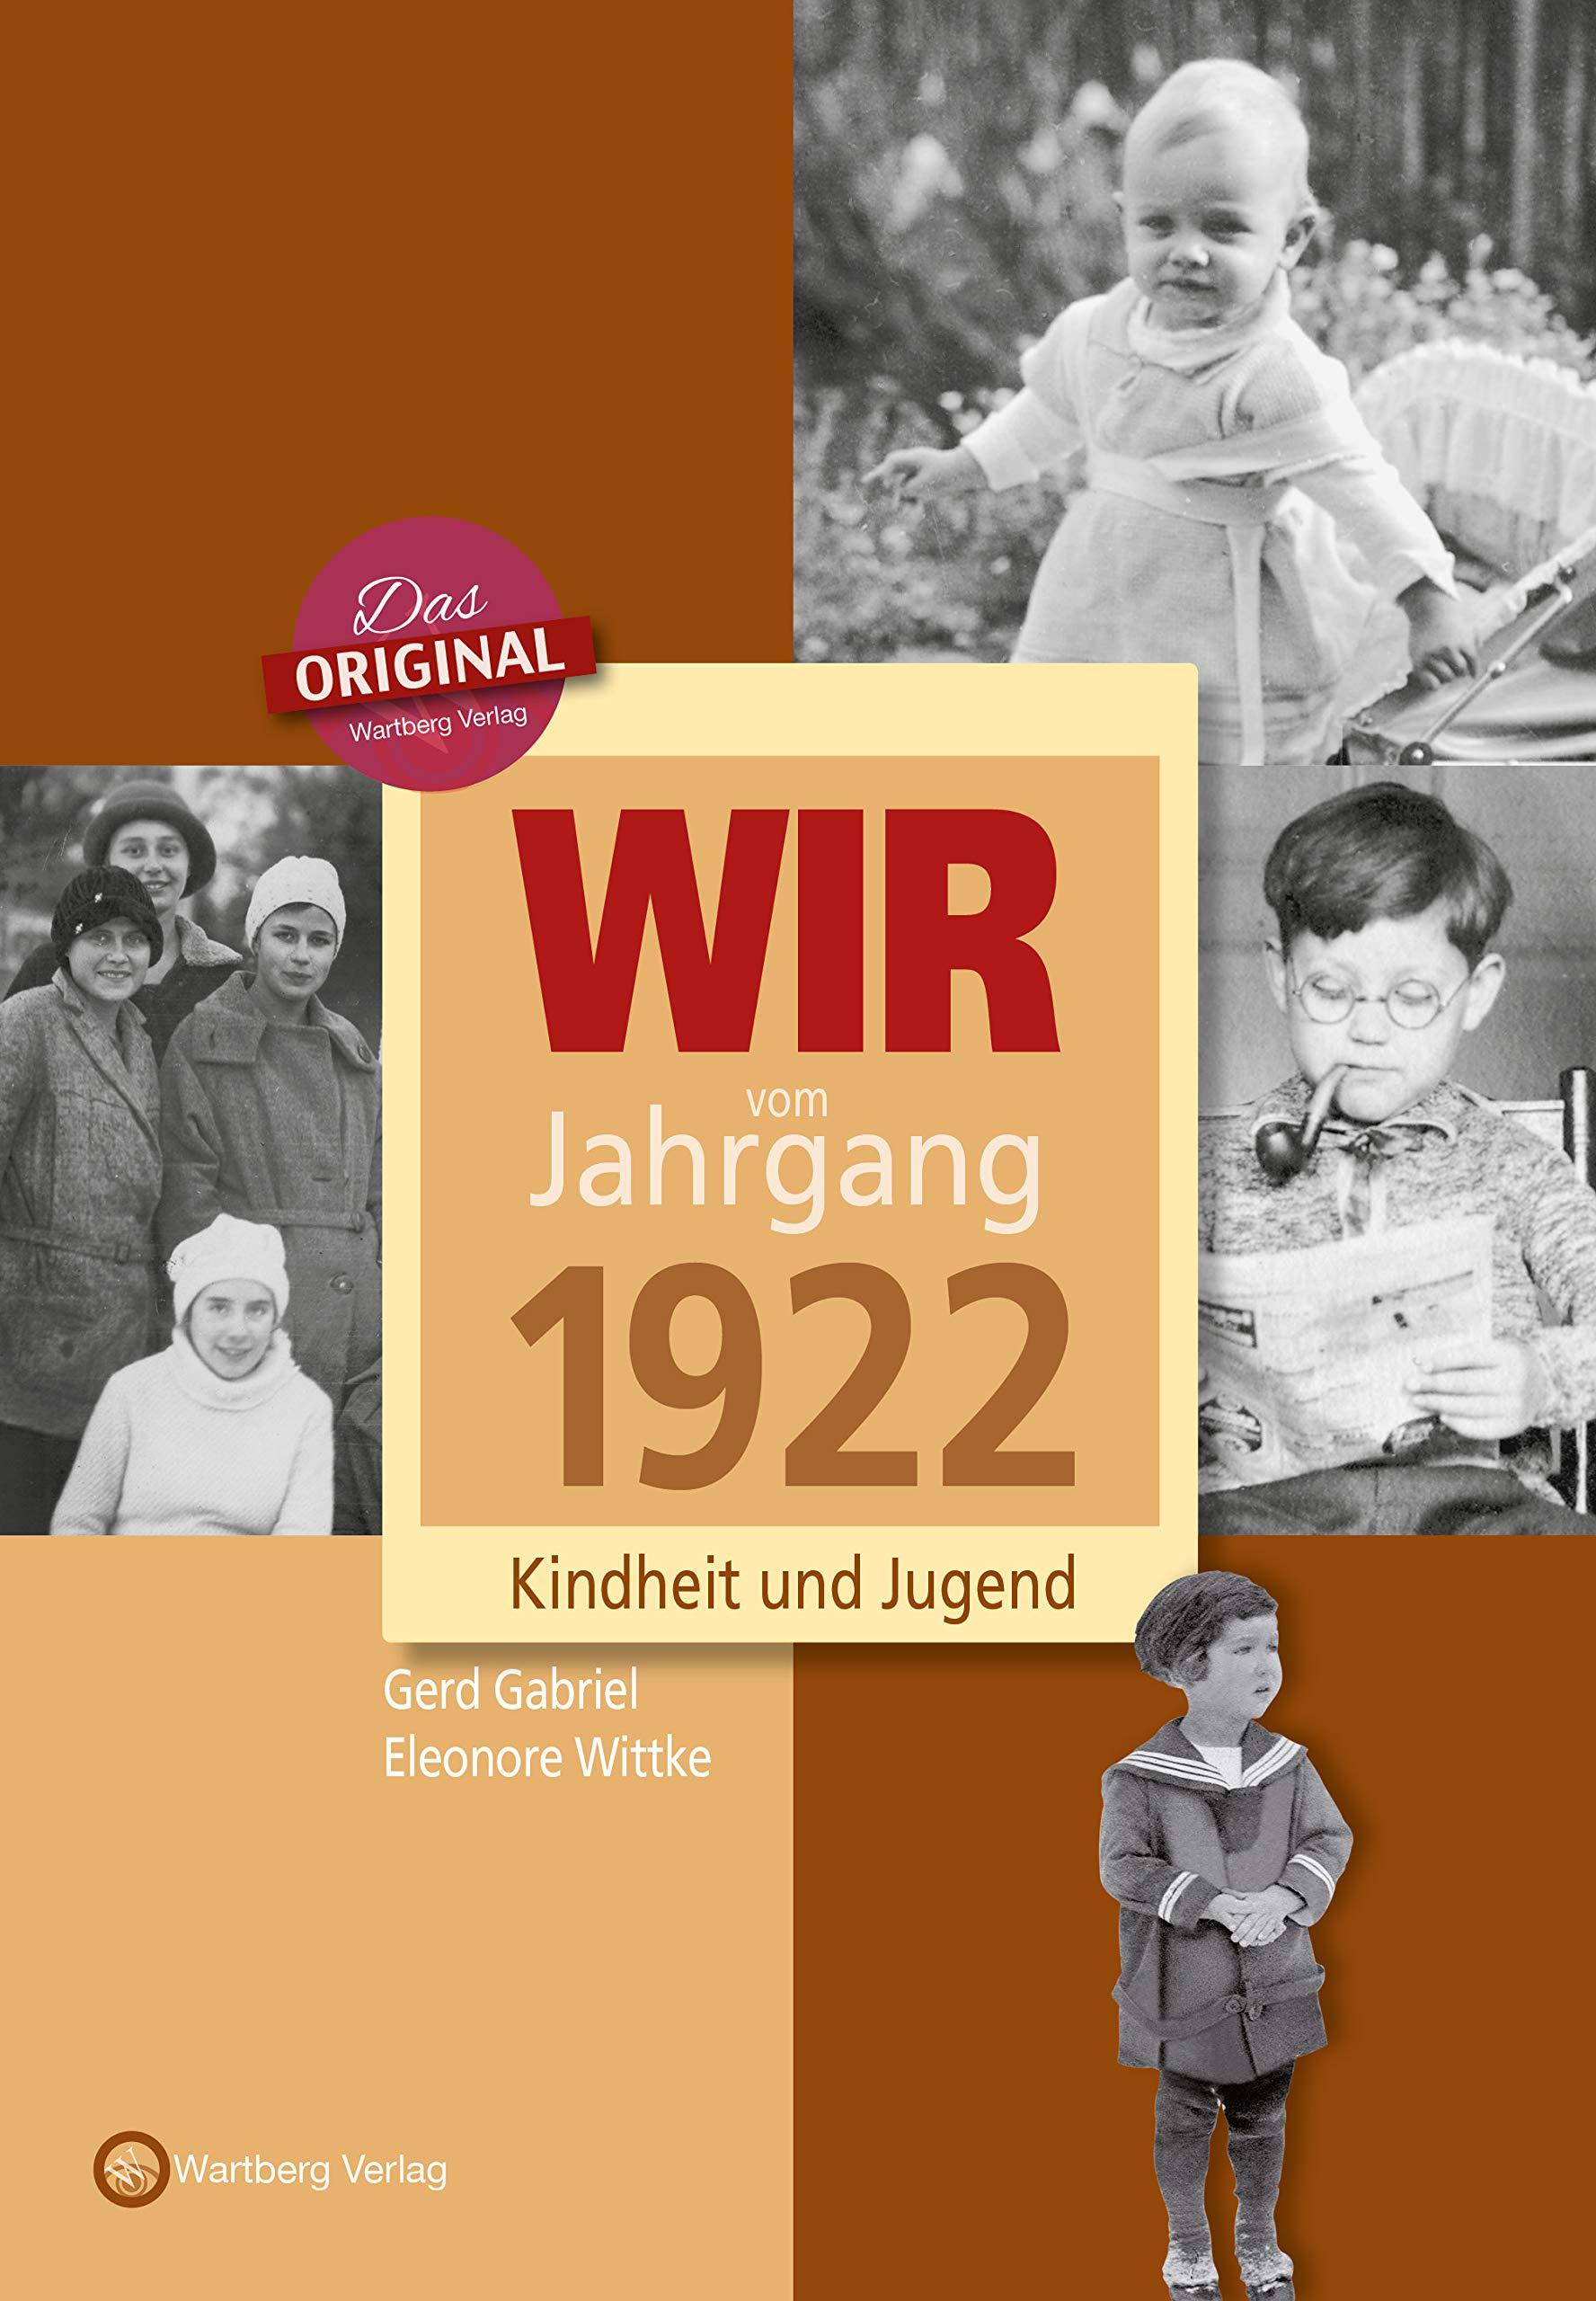 Wir vom Jahrgang 1922- Kindheit und Jugend (Jahrgangsbände)